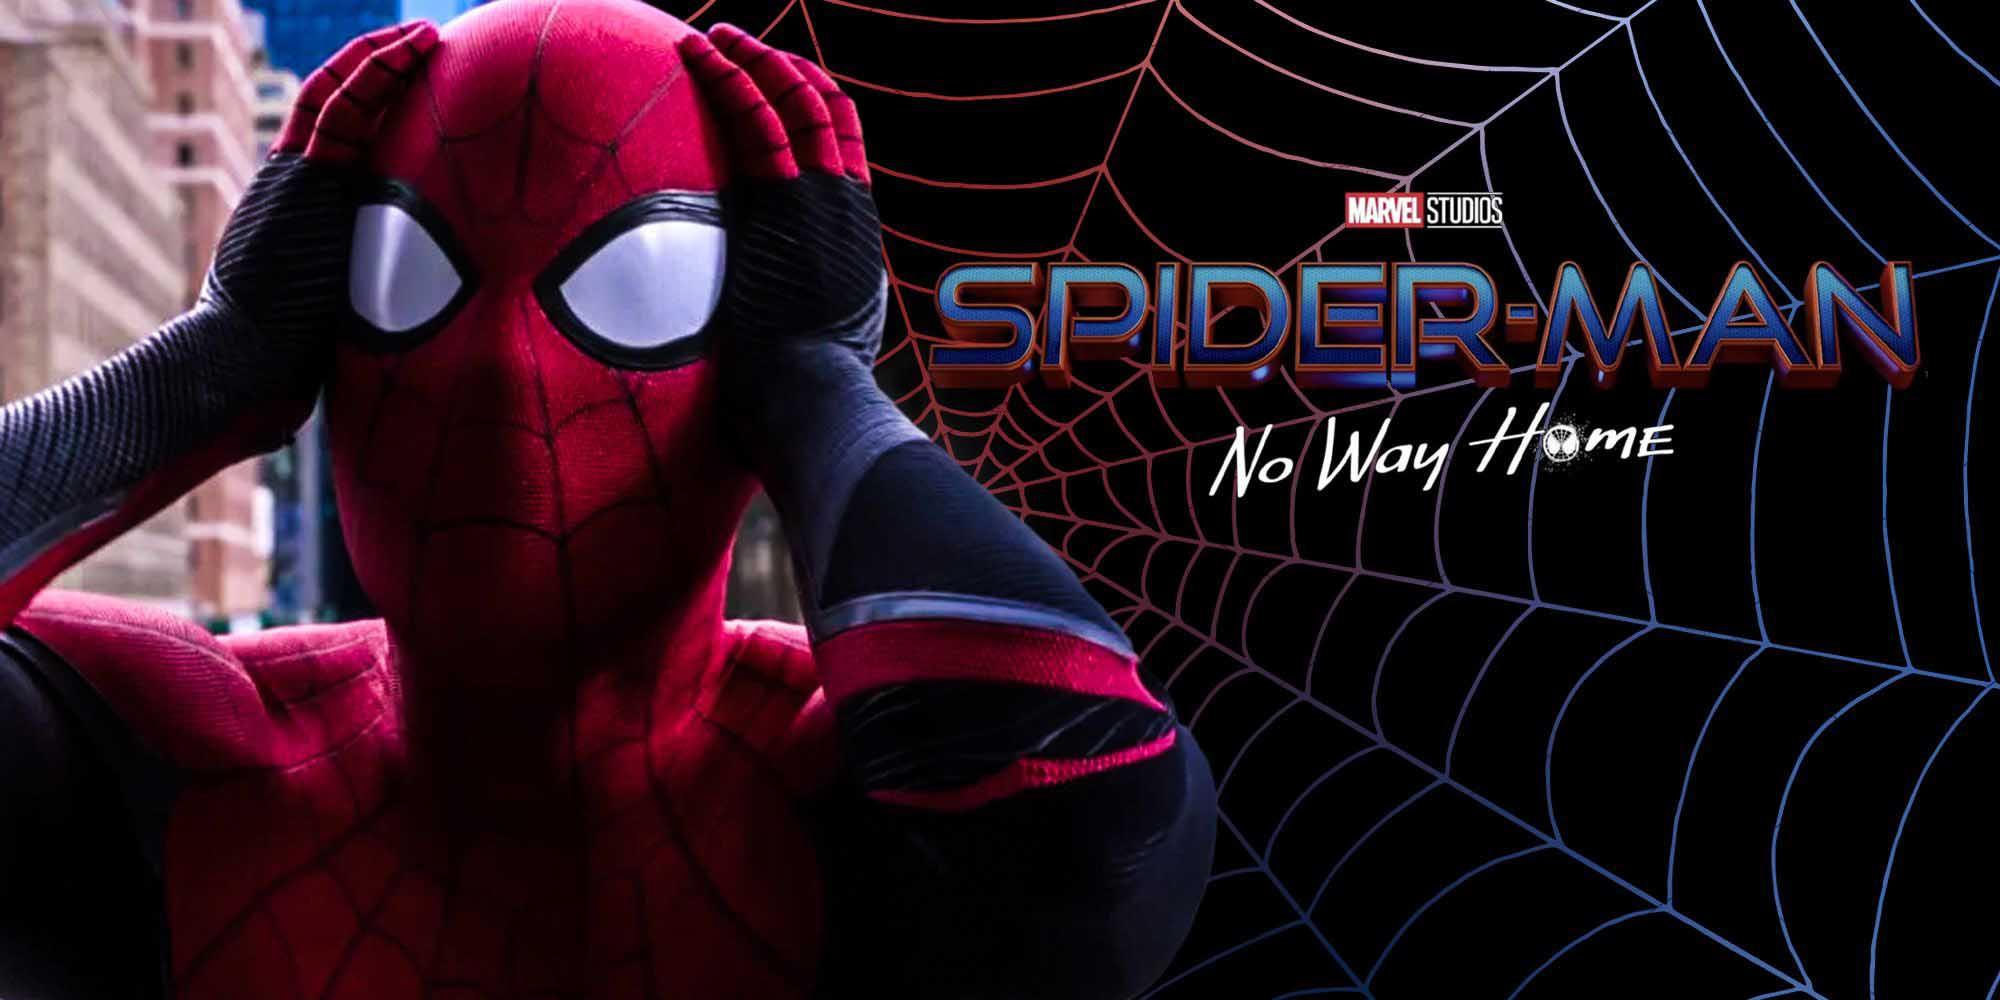 La cuenta de Spider-Man No Way Home vuelve a 'trollear' a sus fans | El Imparcial de Oaxaca